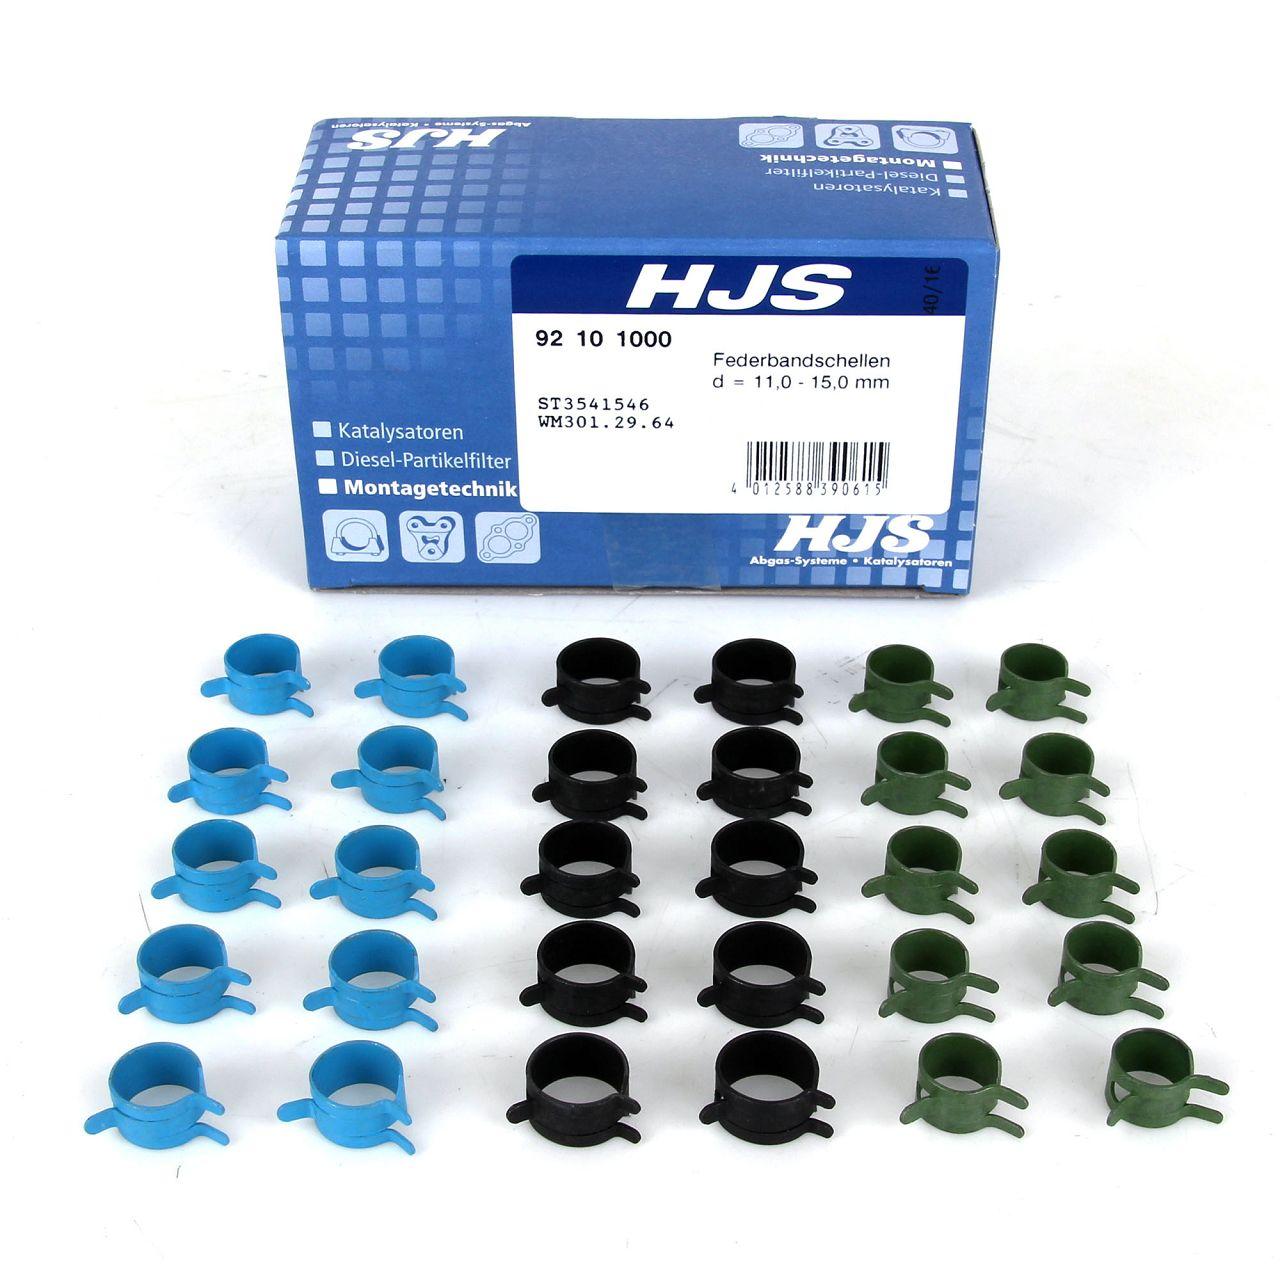 HJS Schlauchverbindersatz Federbandschellen 92101000 für Ford TDCi Drucksensor